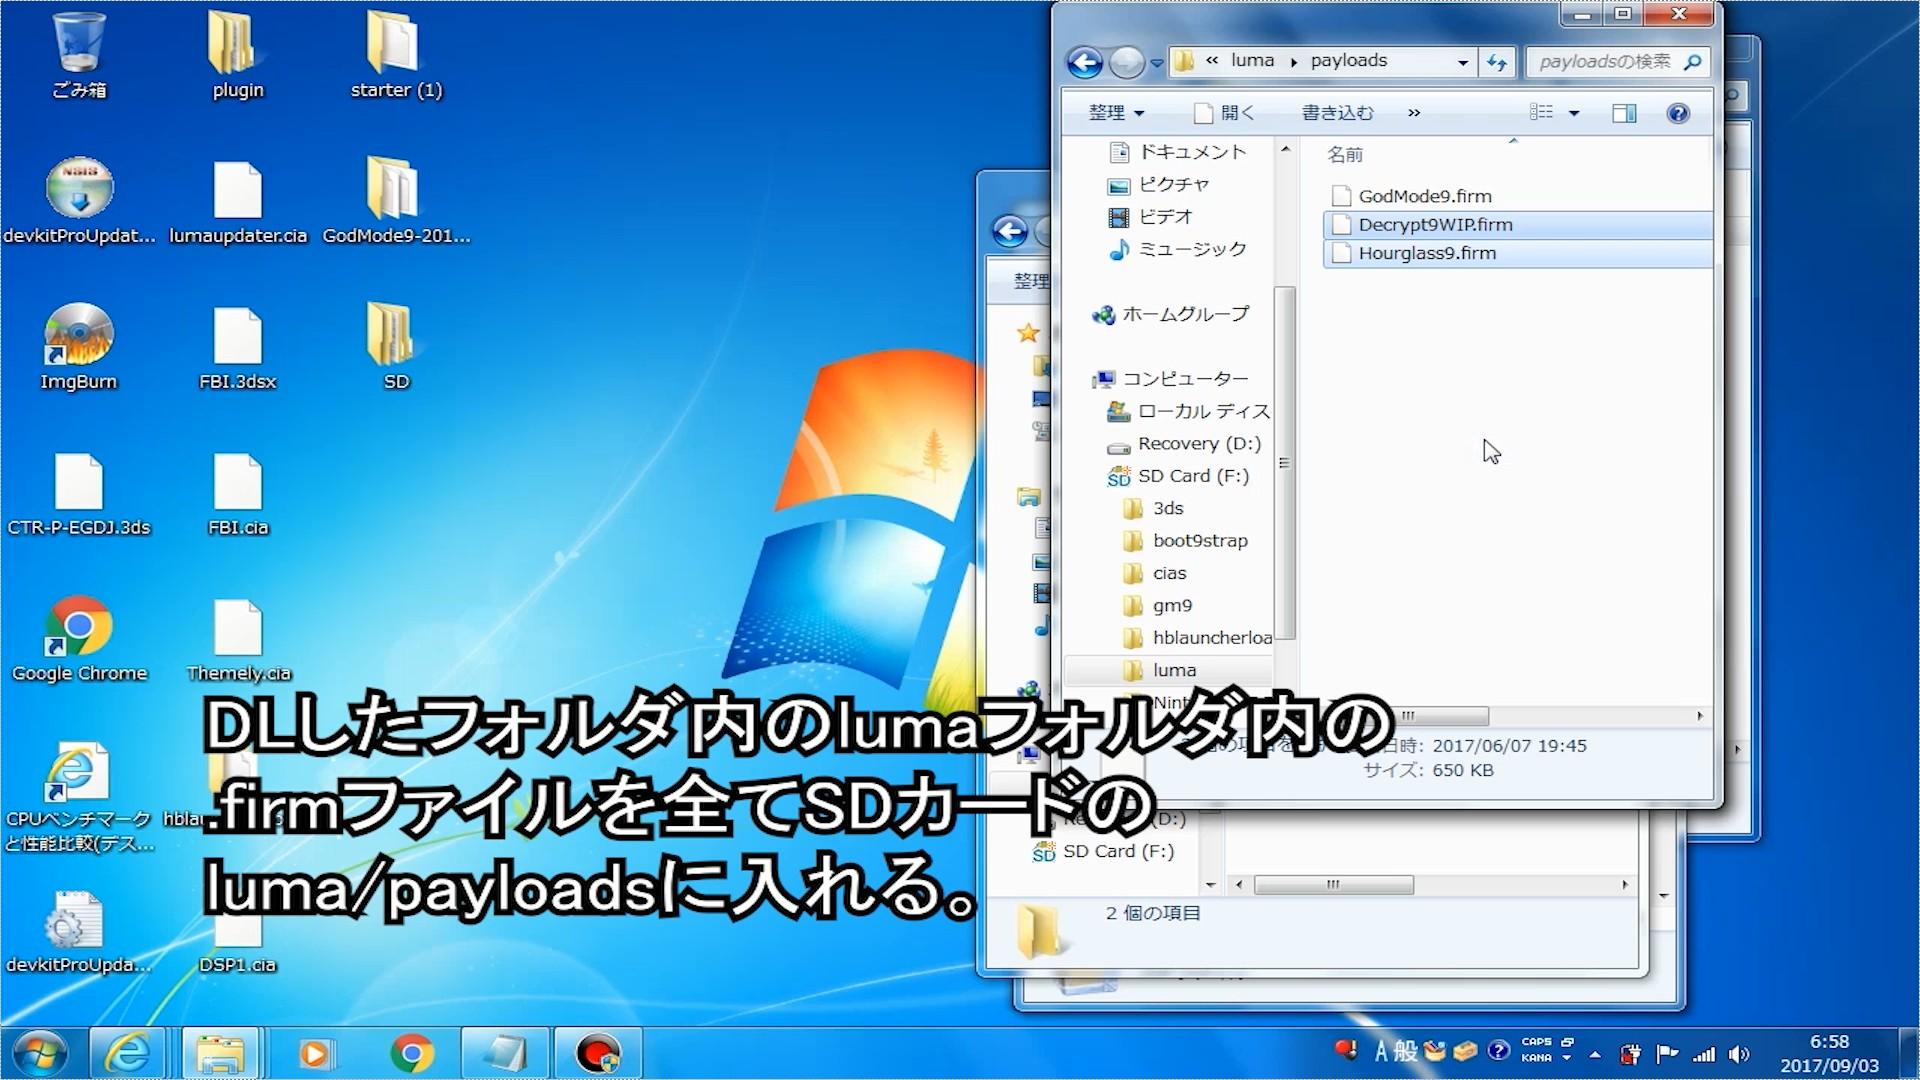 f:id:icn-network:20170926125543j:plain